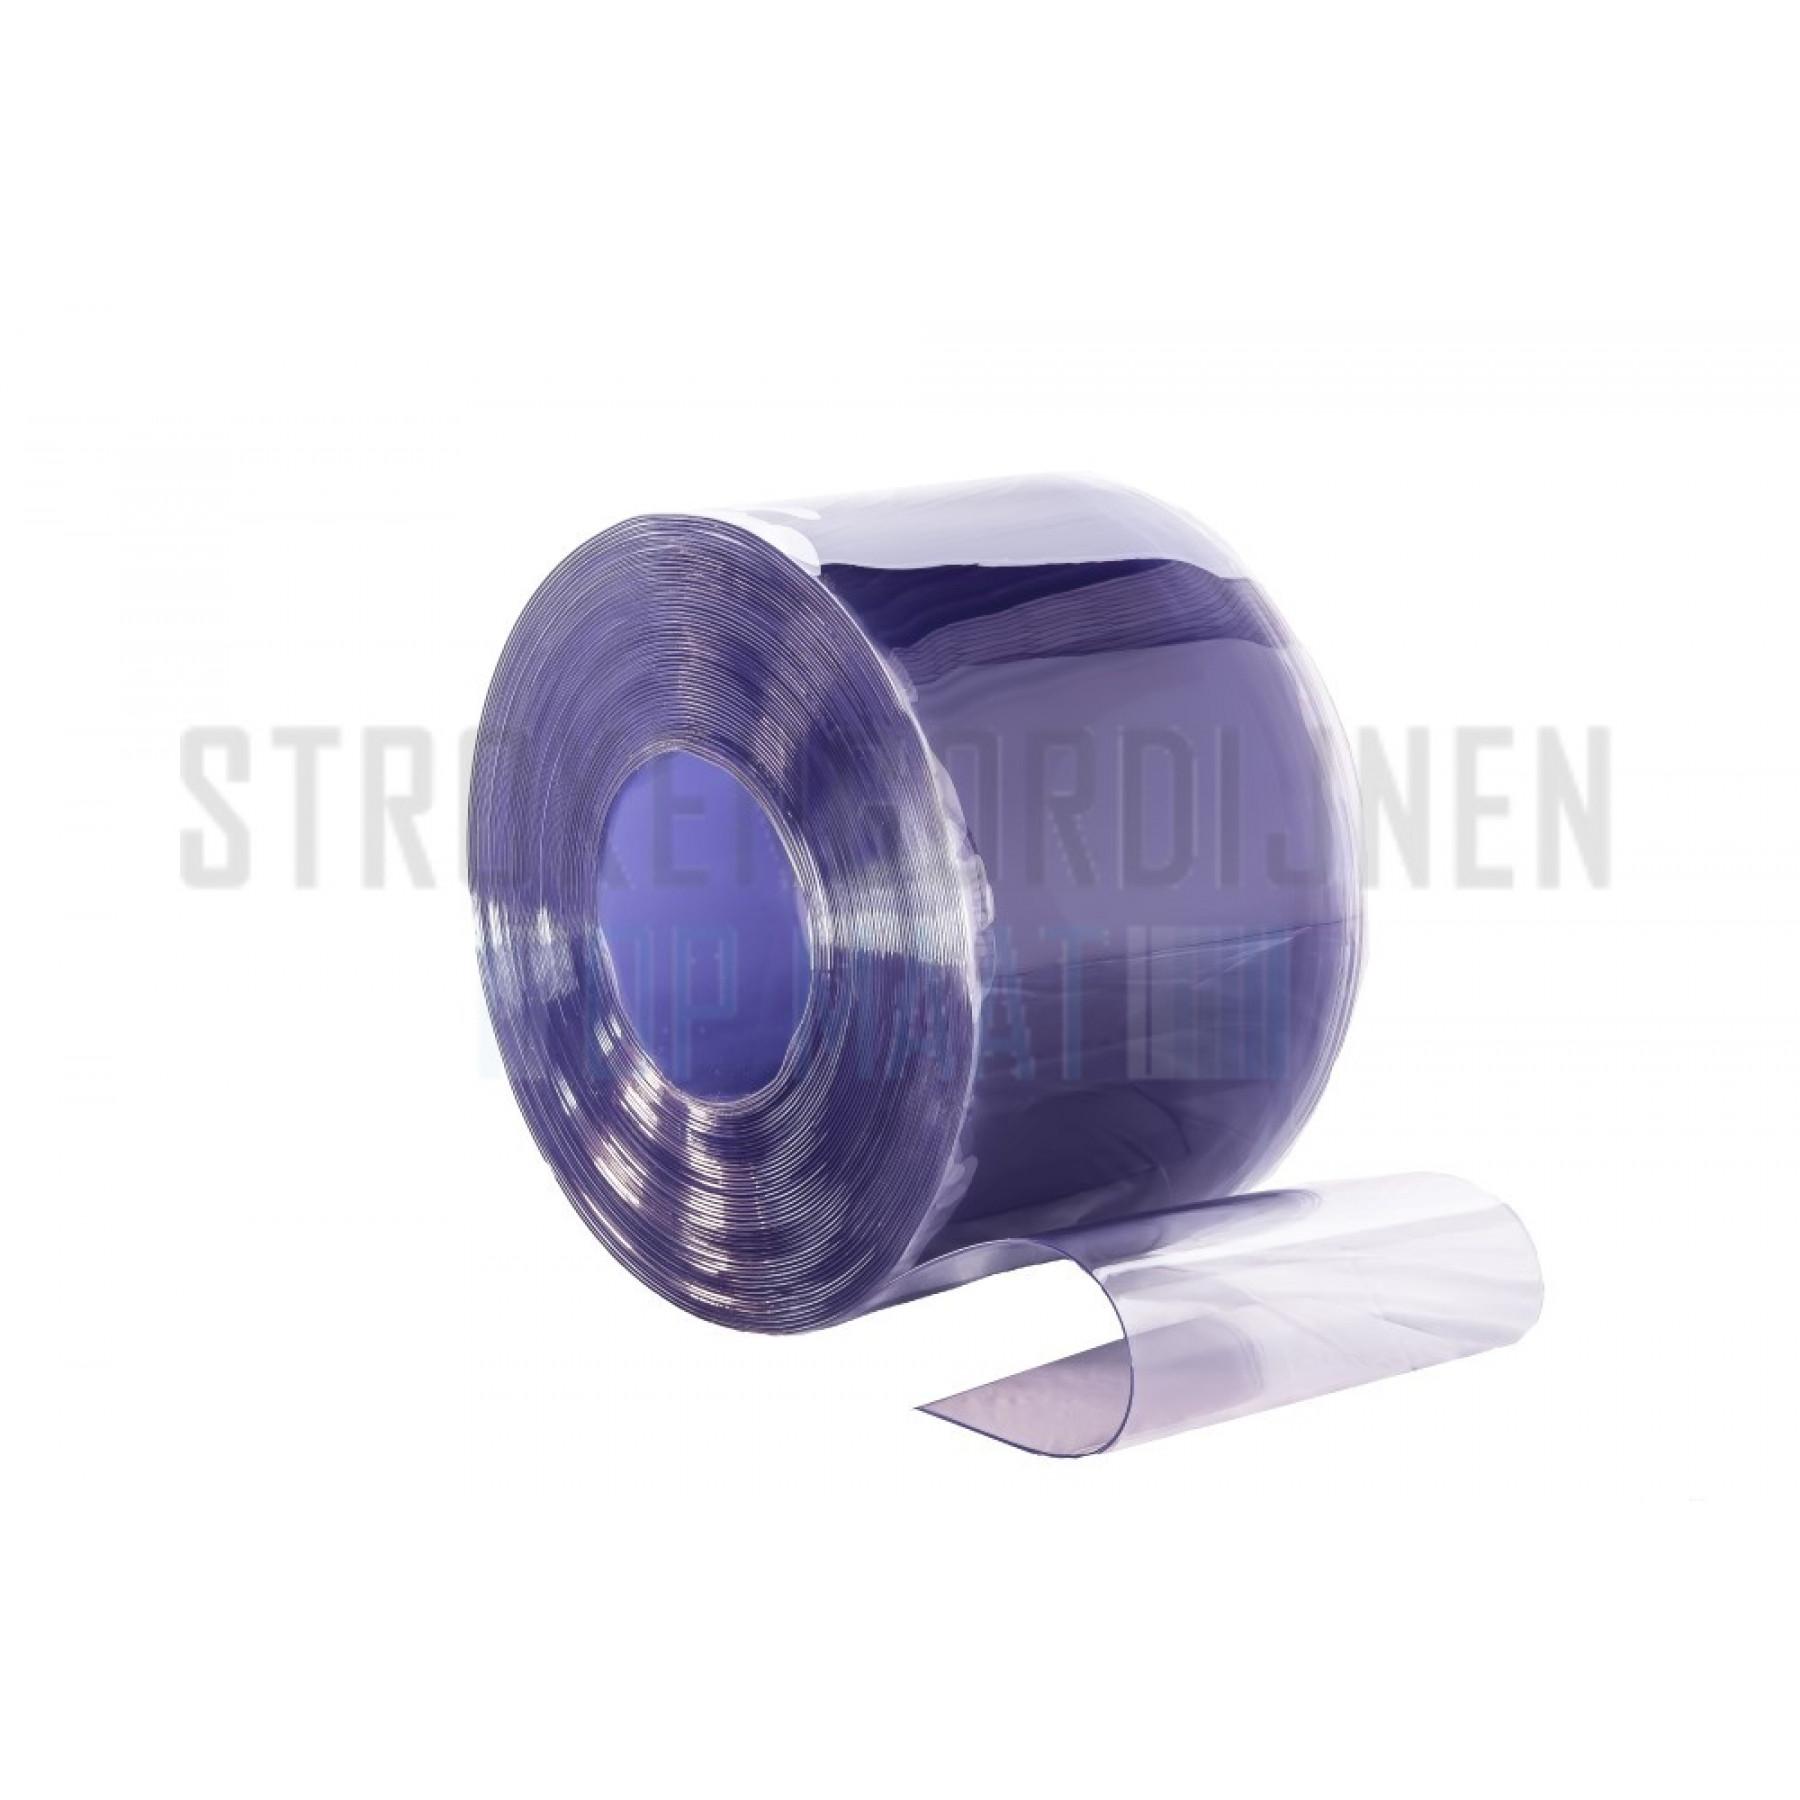 PVC Streifen zur Renovierung, antistatisch, 200mm breit, 2mm dick, transparent